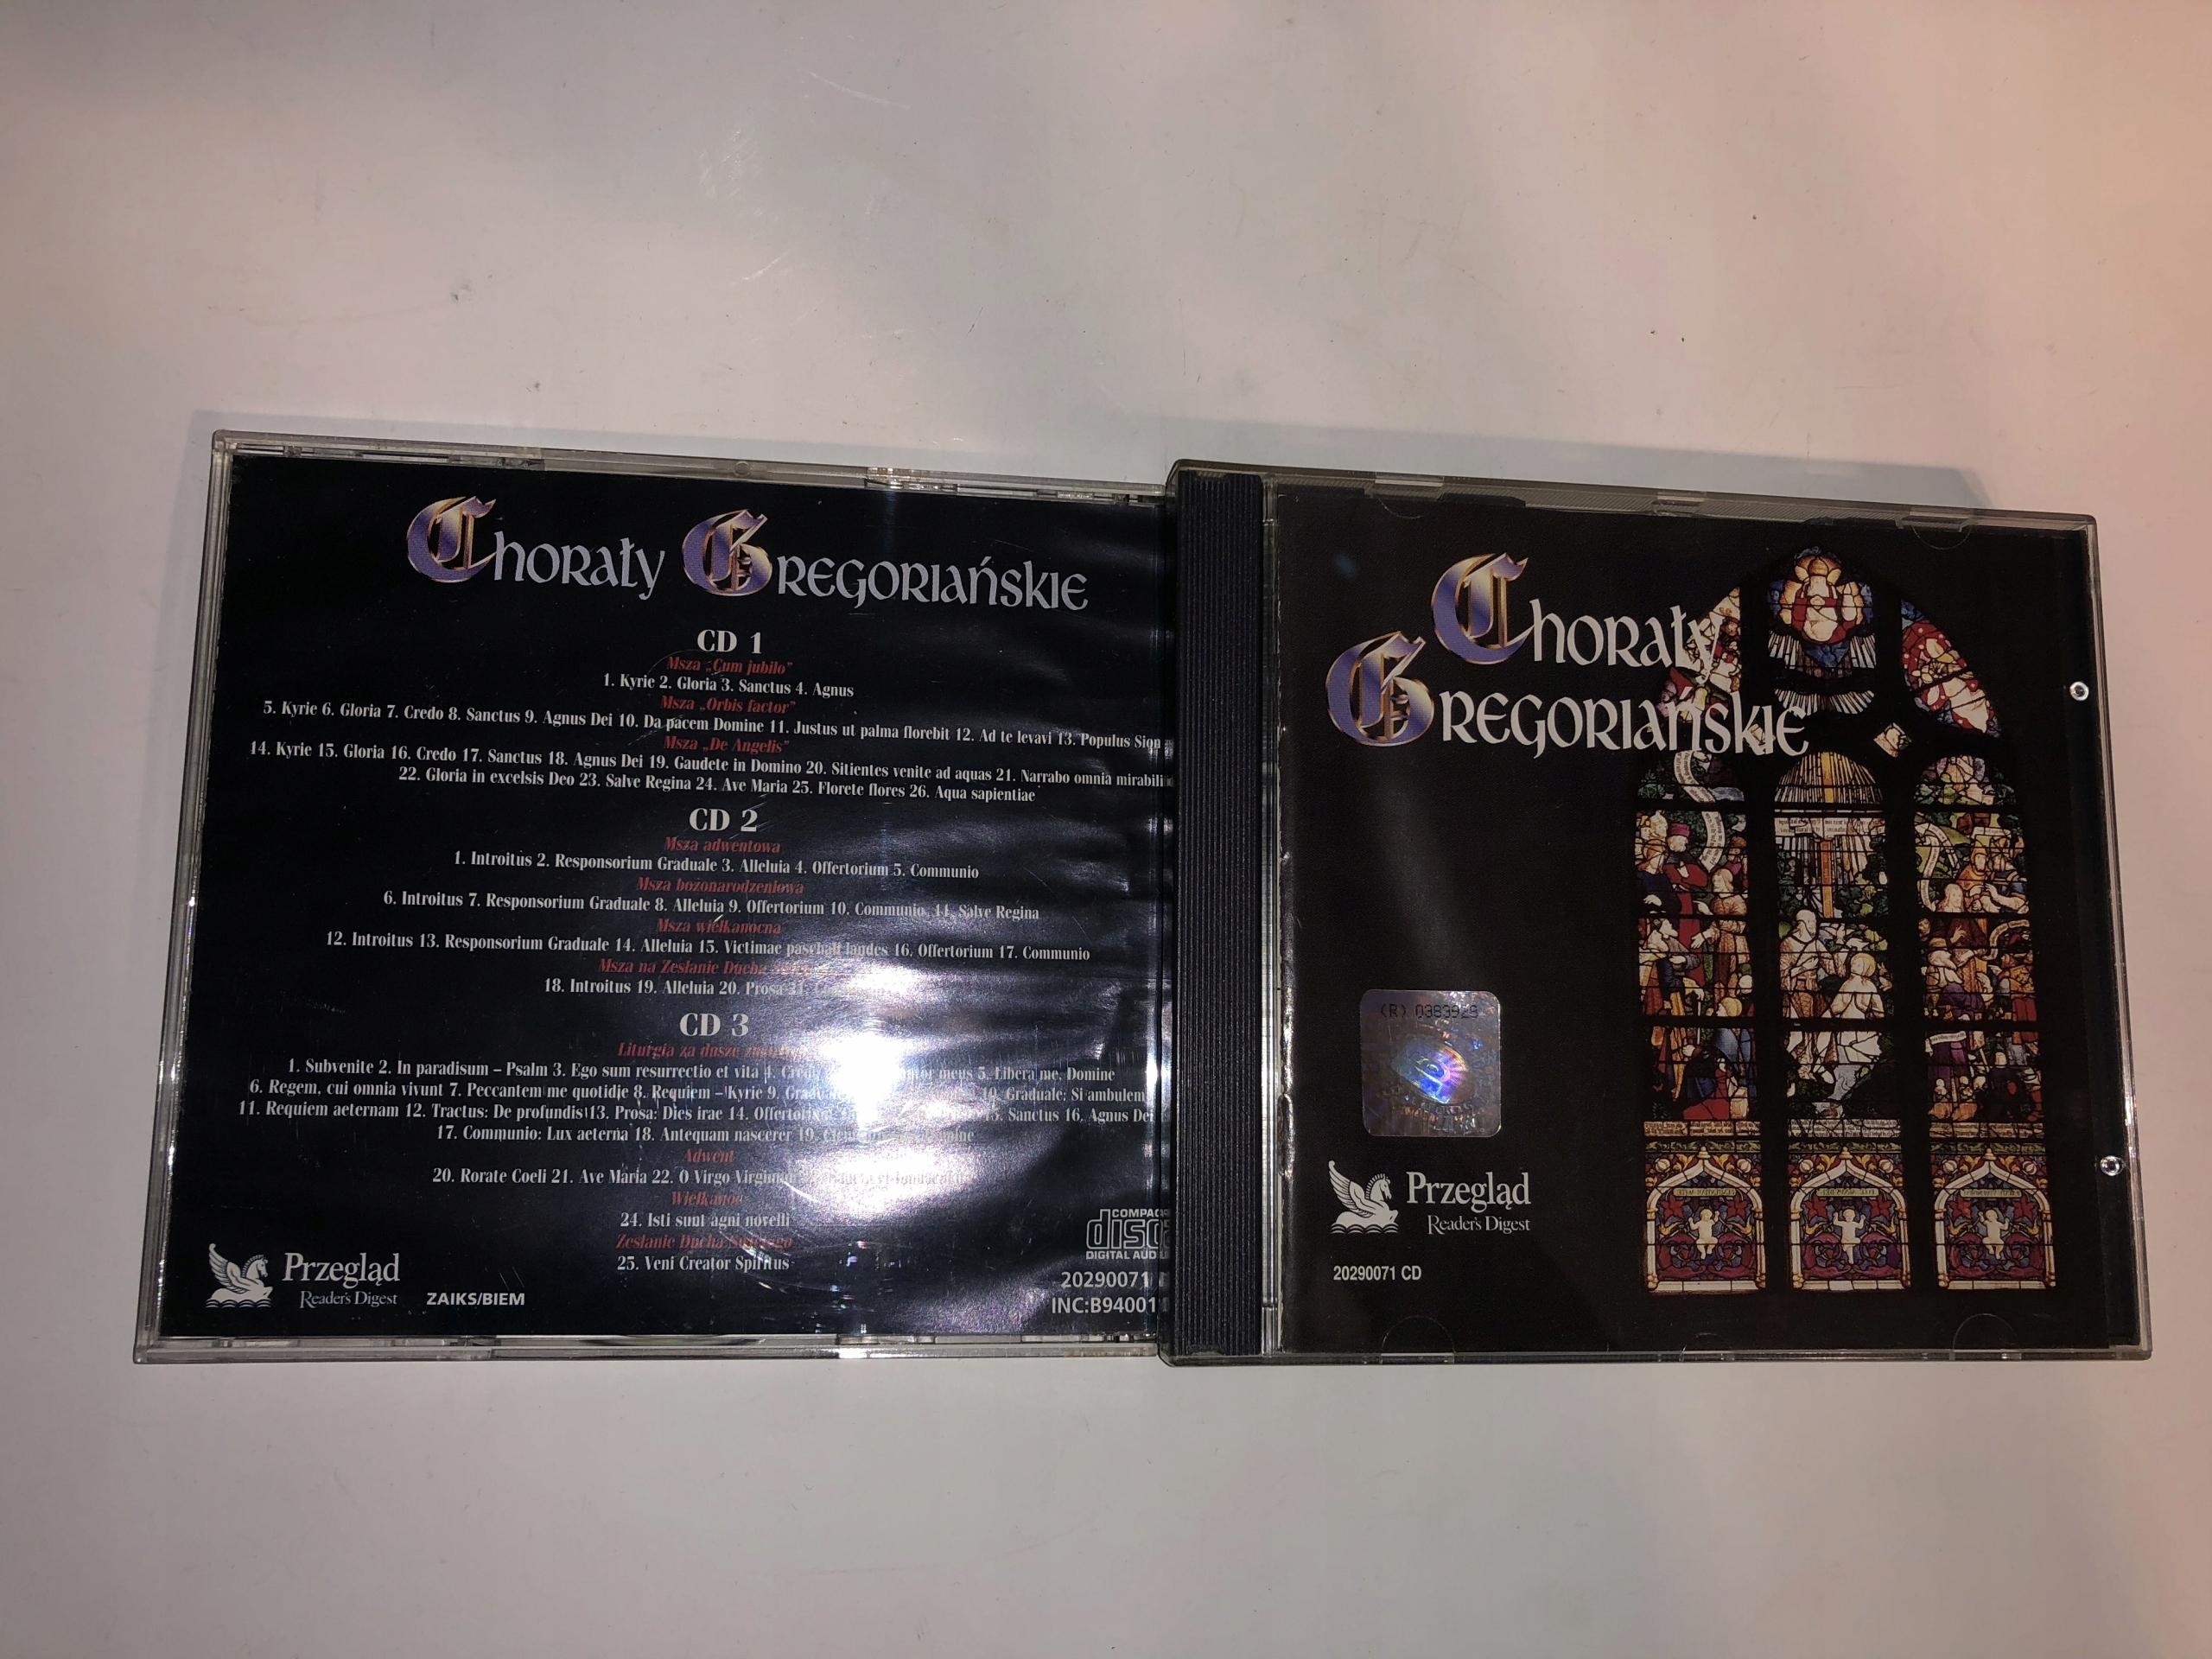 Chorały Gregoriańskie Reader's Digest 3CD